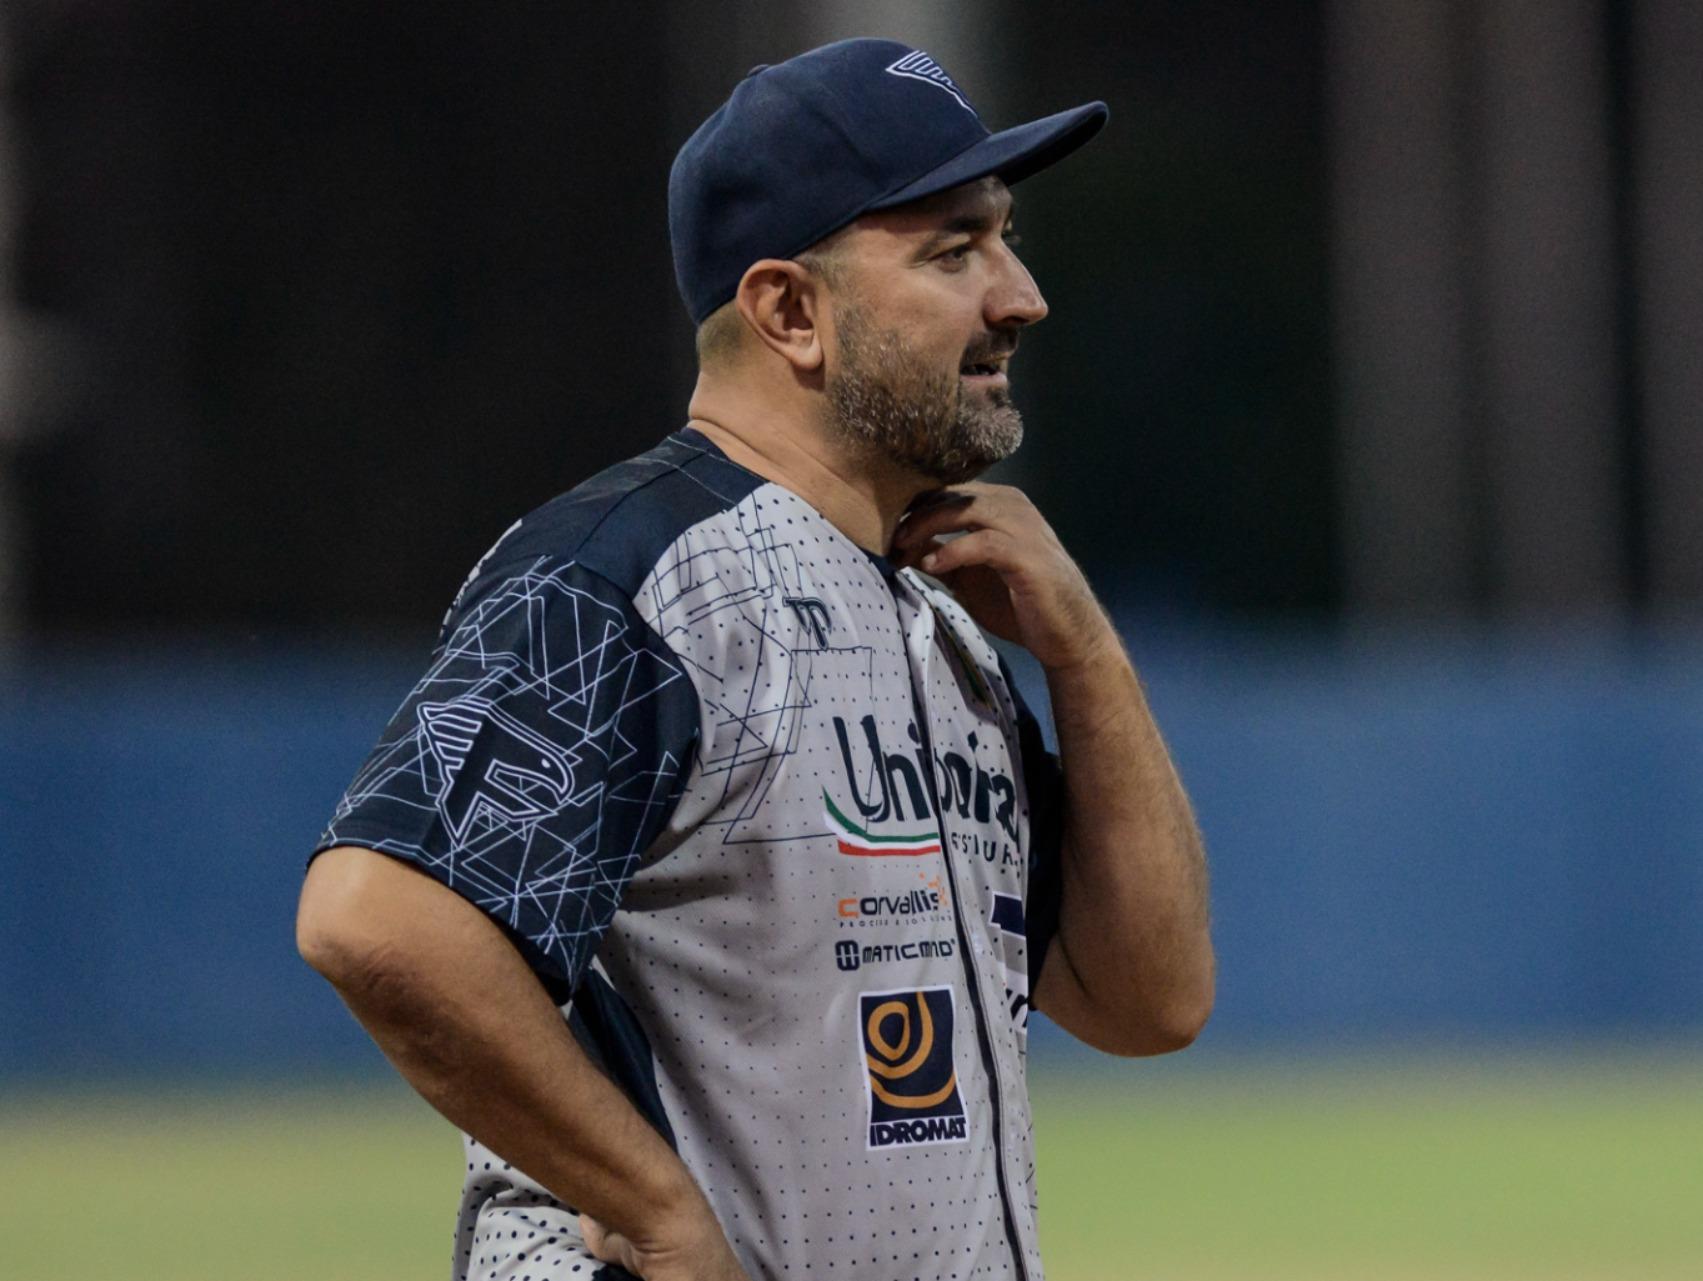 La Fortitudo baseball è piegata anche in Gara3 e Gara4. San Marino è Campione d'Italia 2021